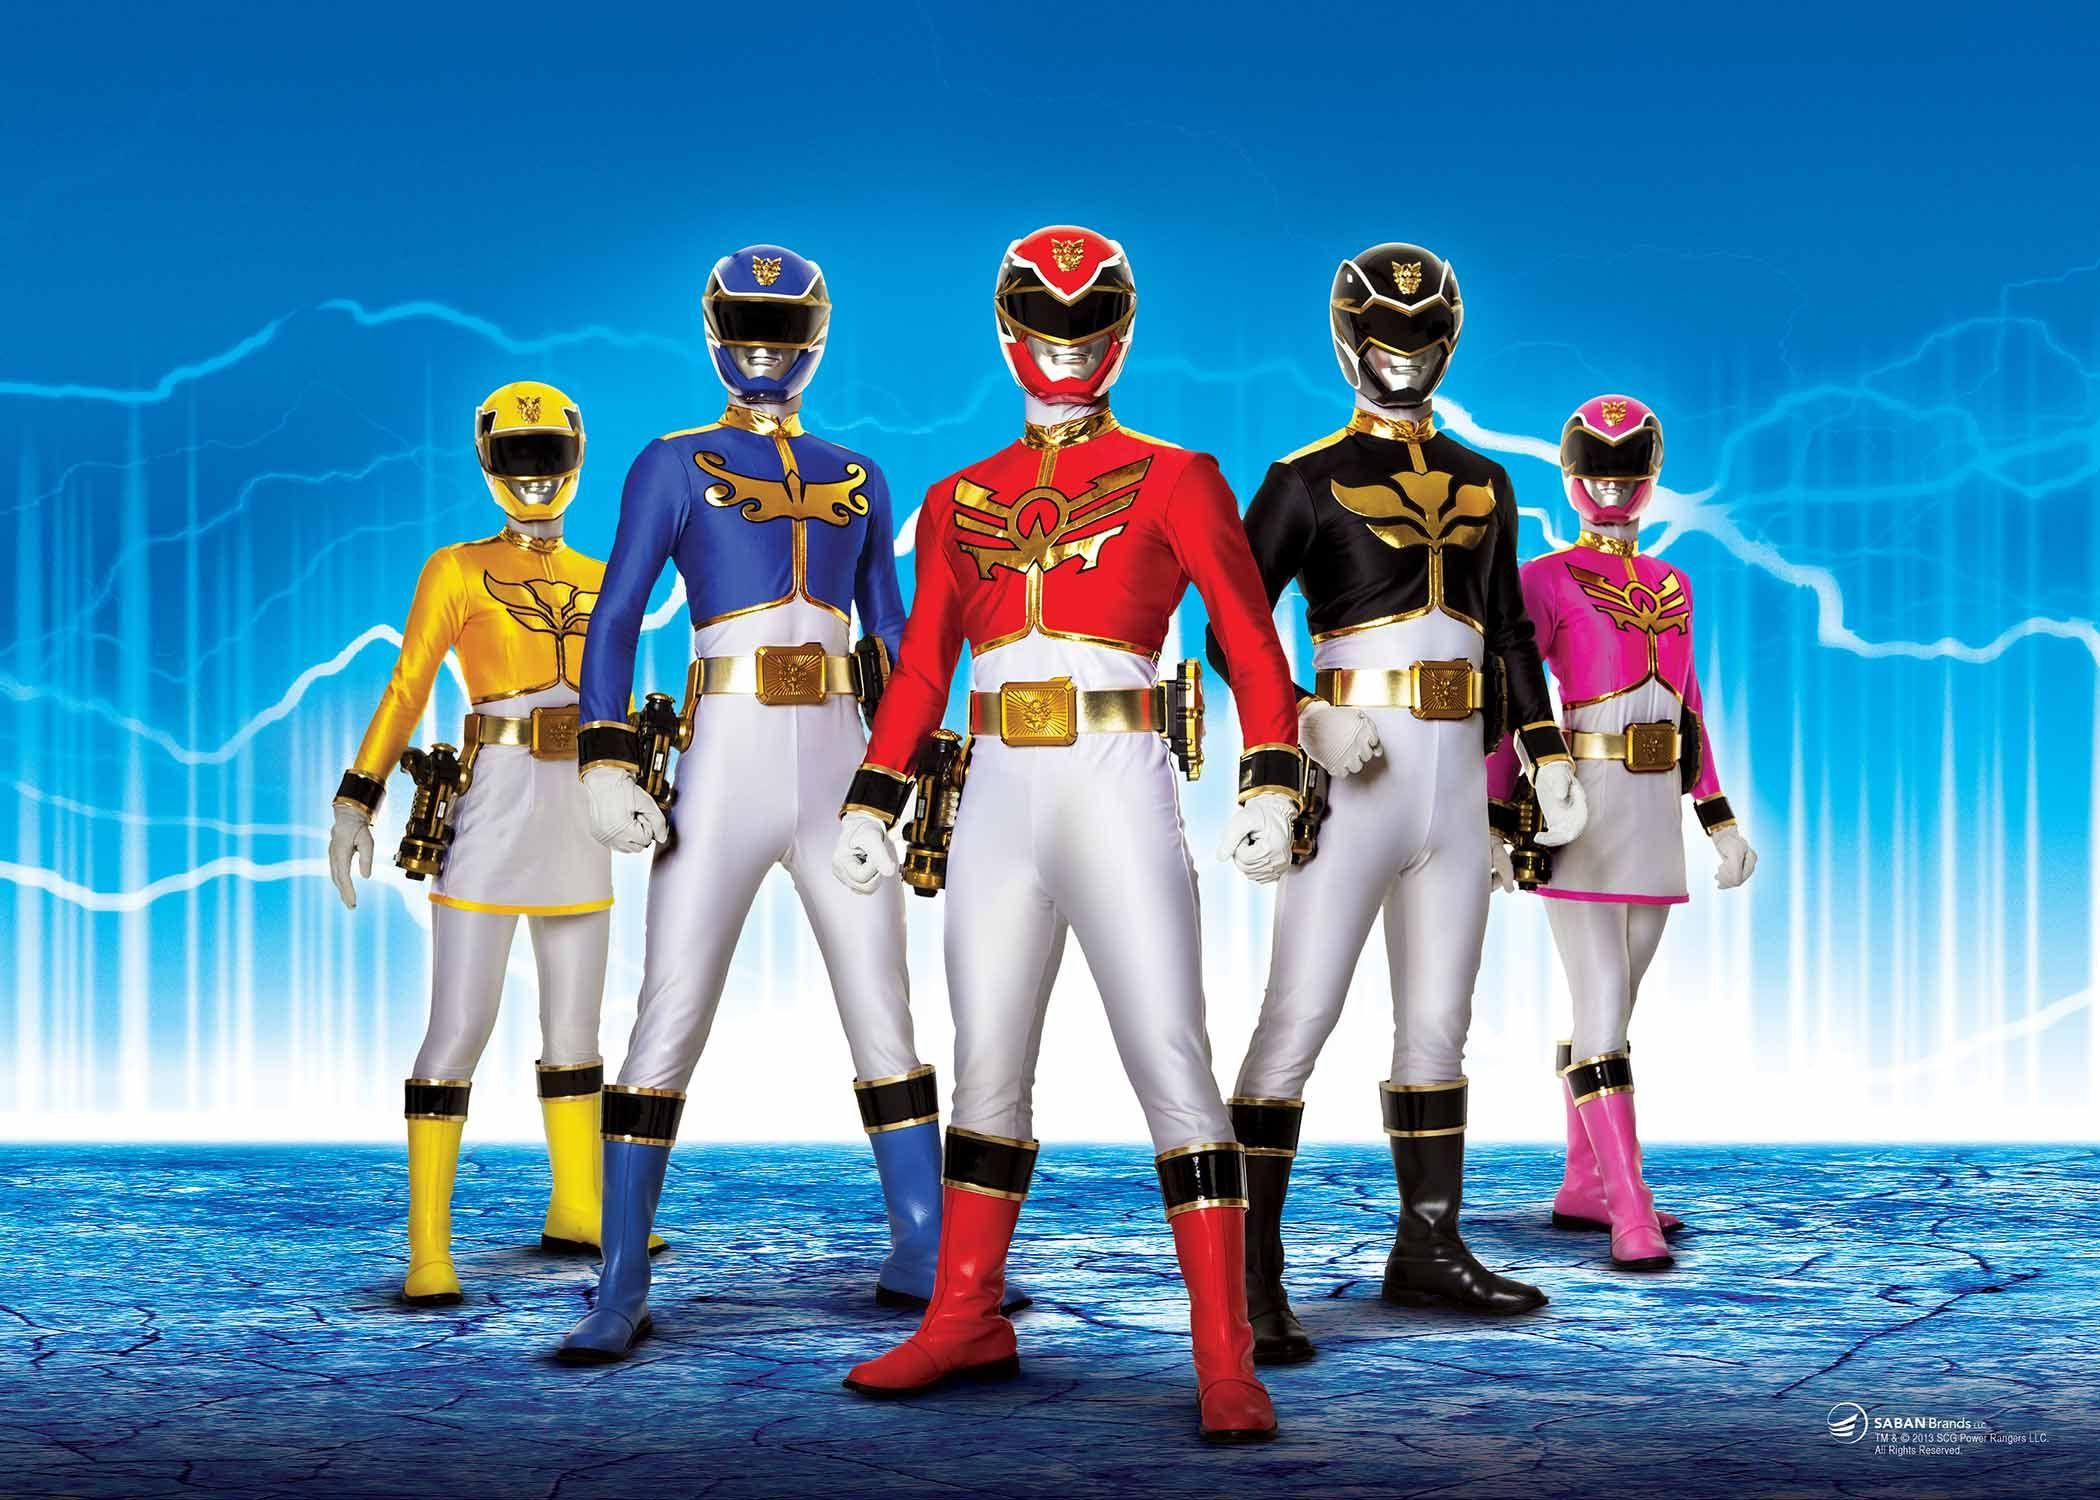 Power Rangers Super Megaforce Wallpaper Full Hd Vxo Movie